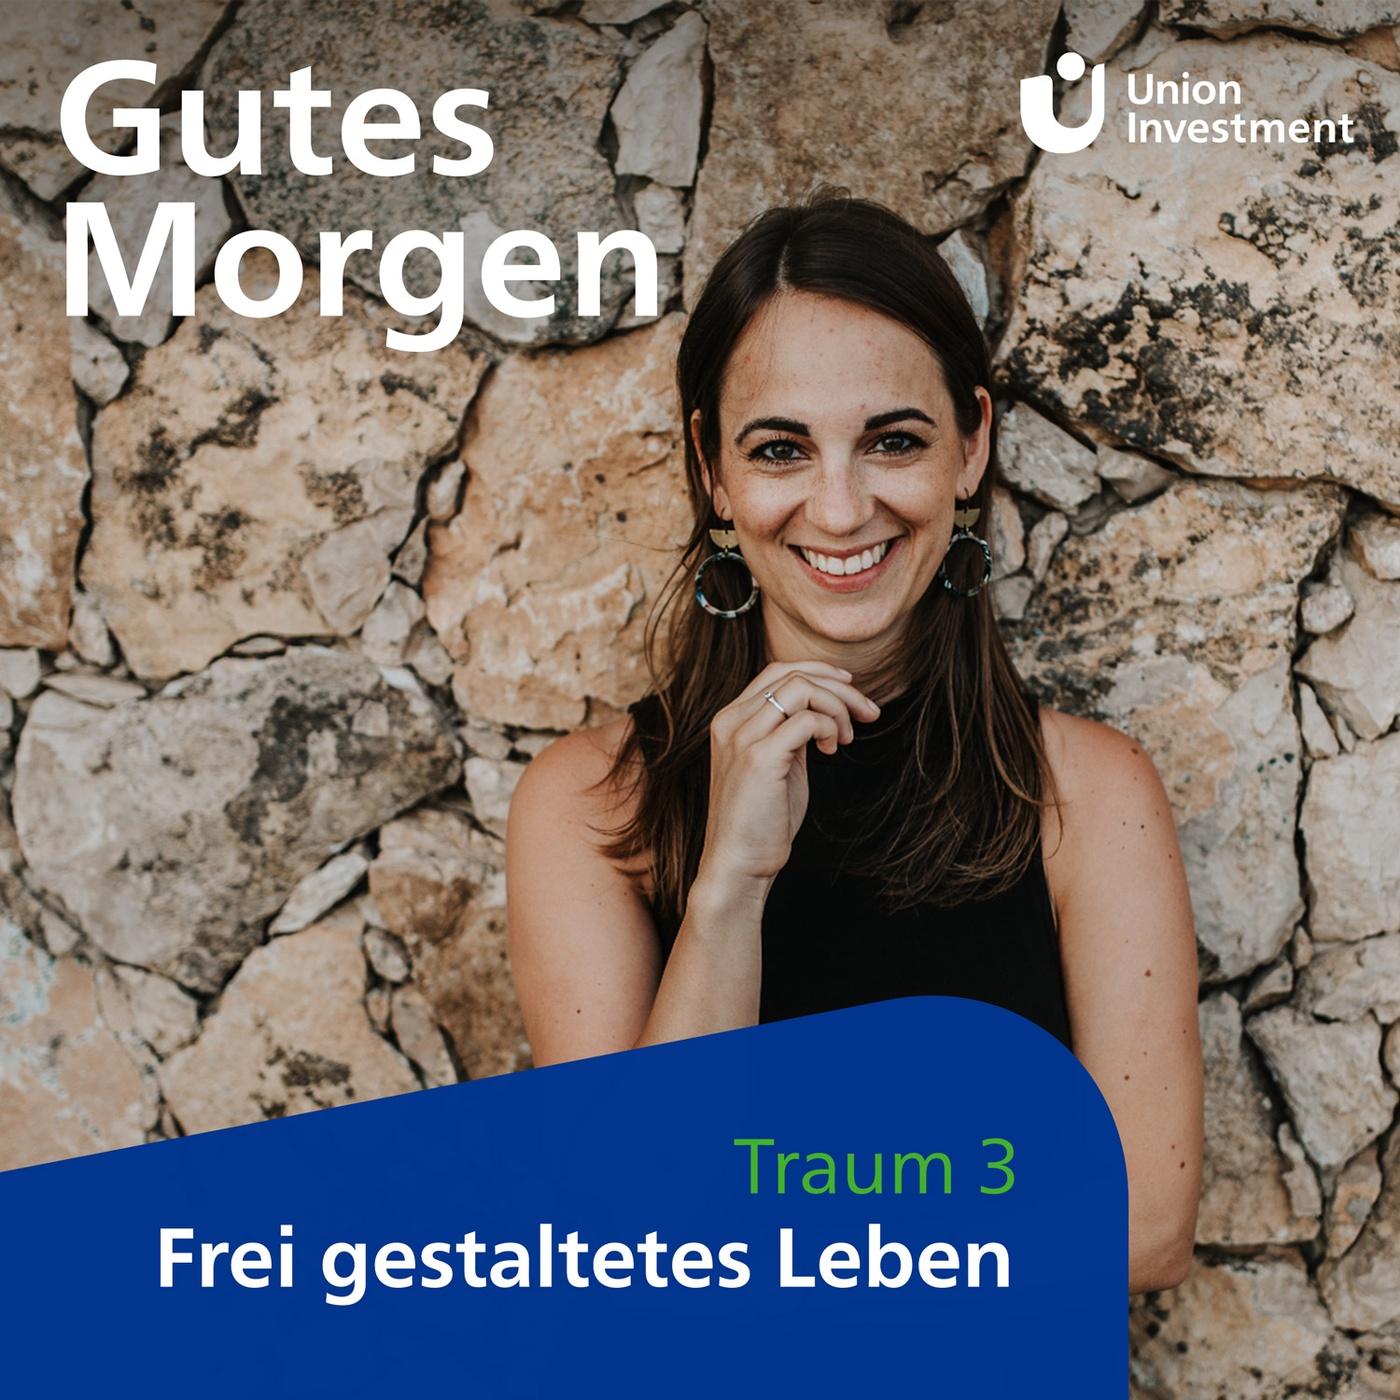 Die eigene Berufung finden und ein frei gestaltetes, glückliches Leben führen – das ist der Traum von Kerstin Fuhrmann